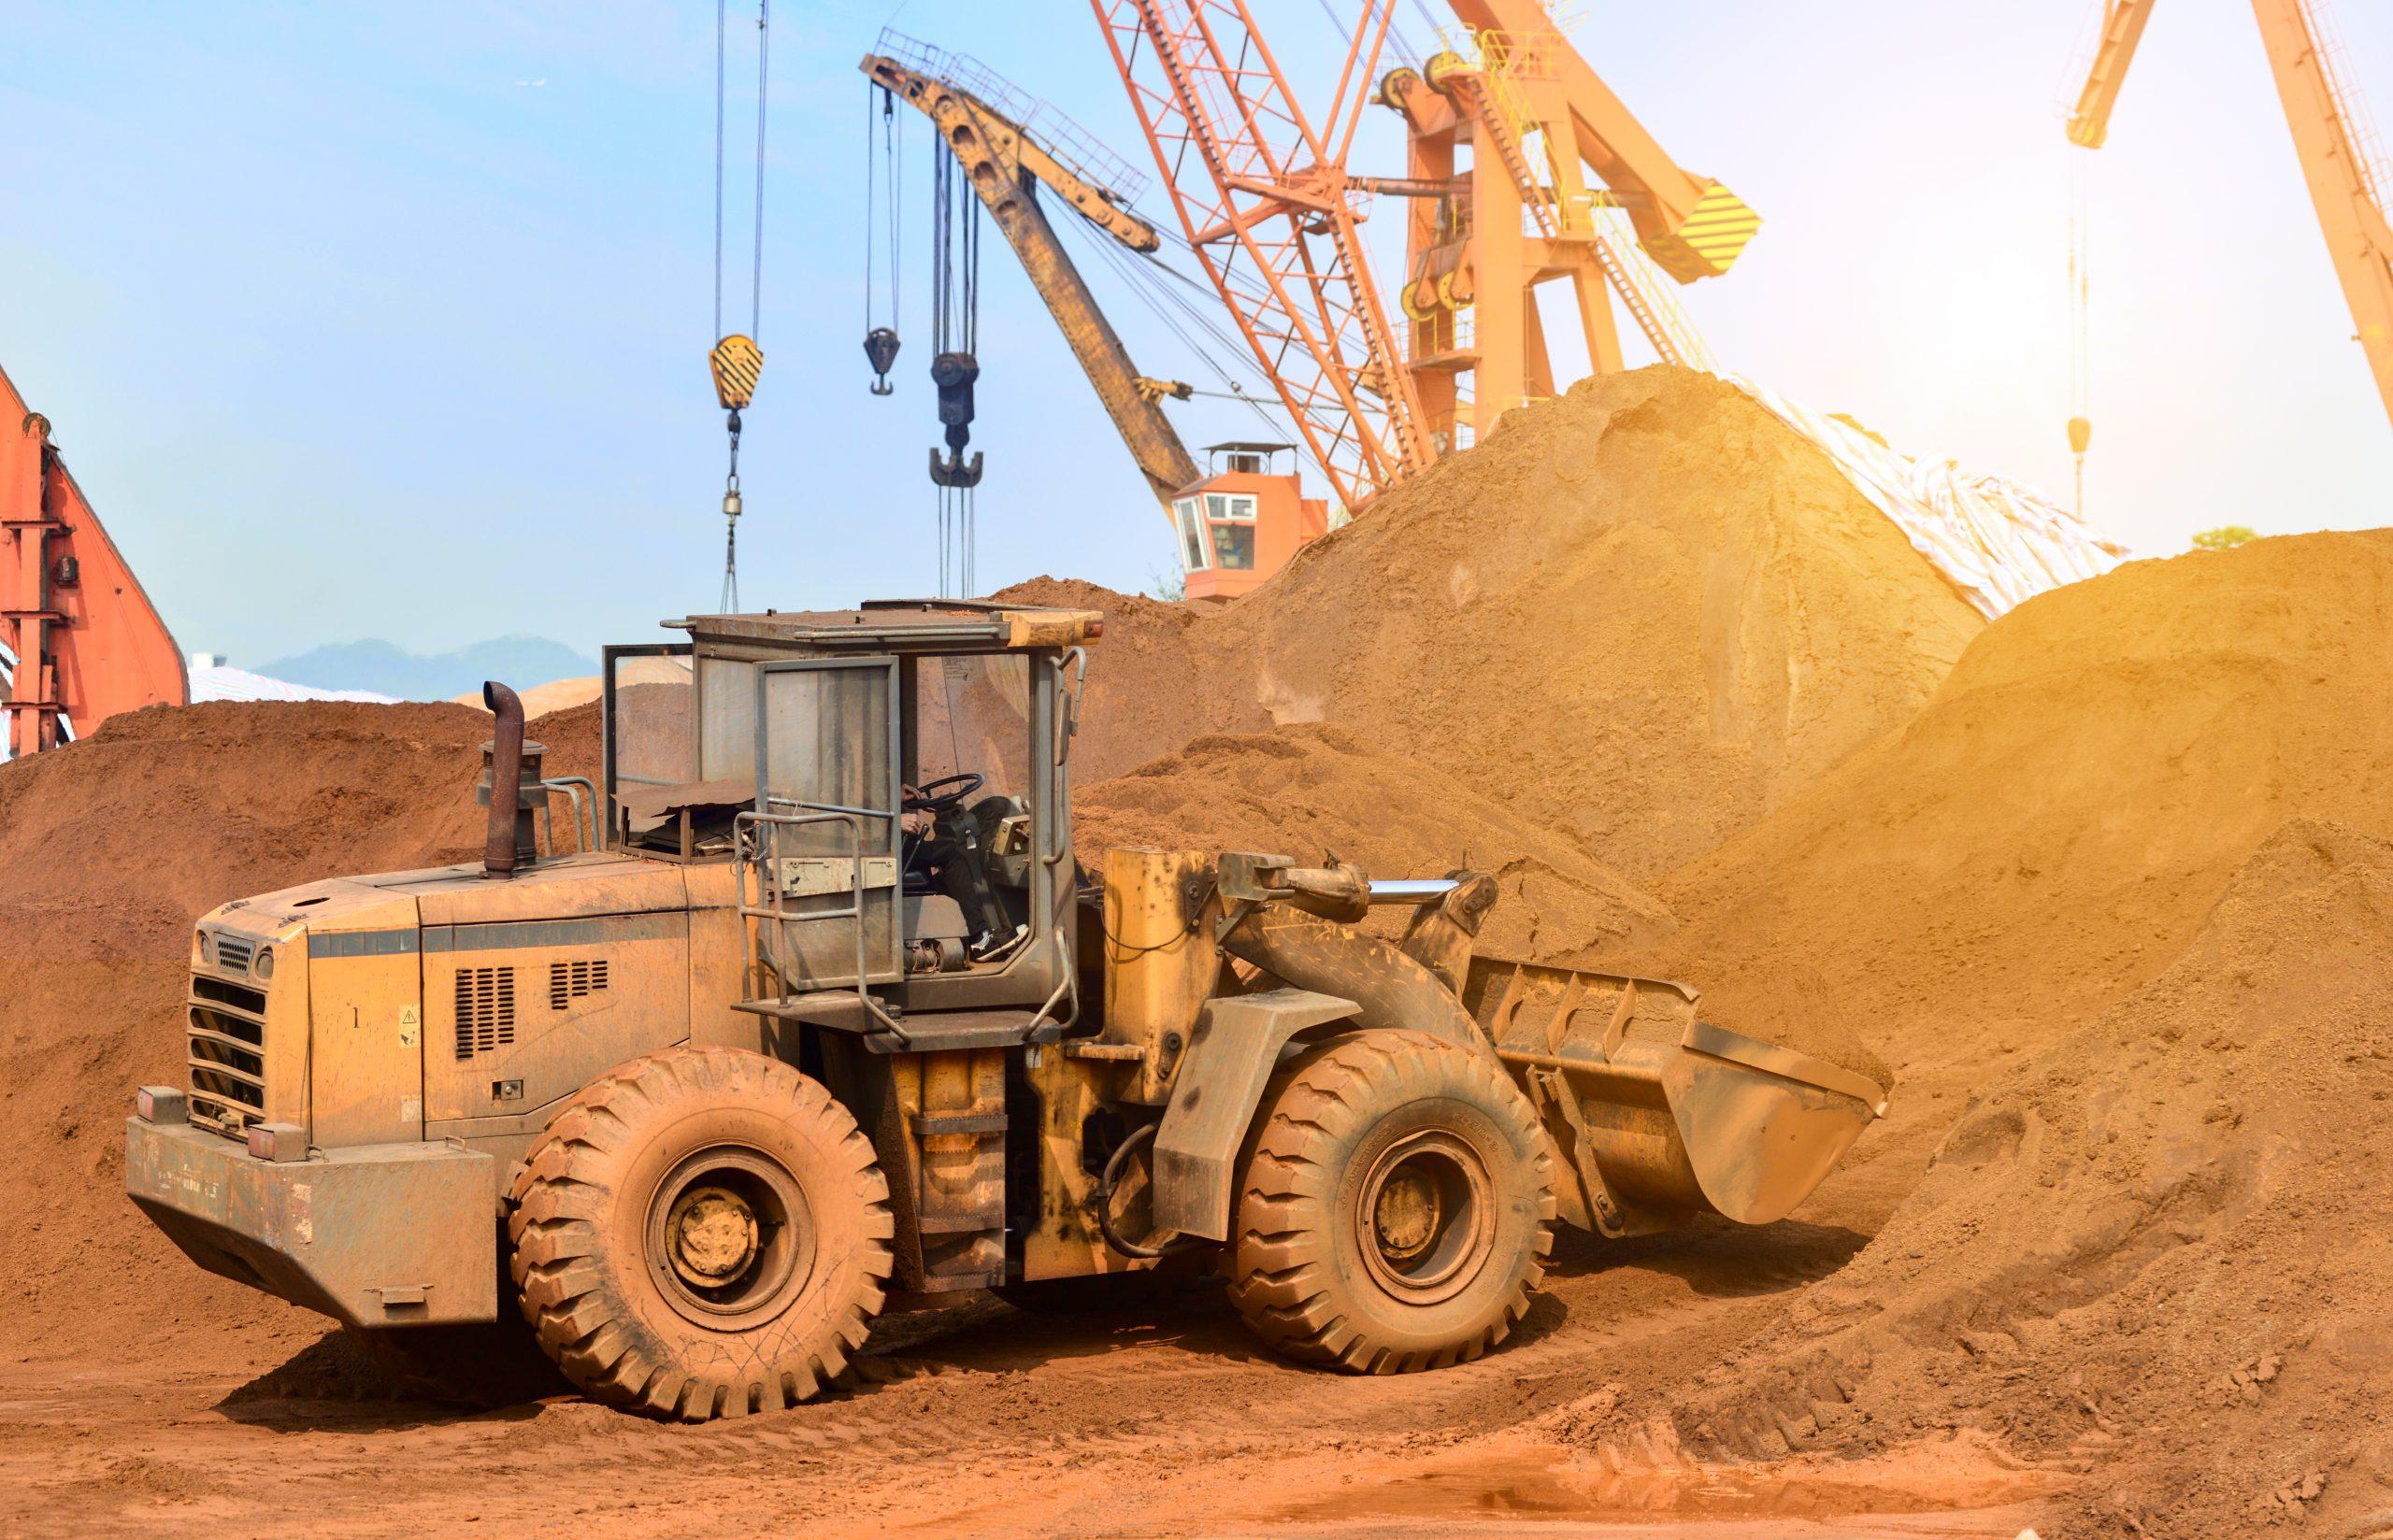 Entreprise de transport au service de l'industrie minière en Australie